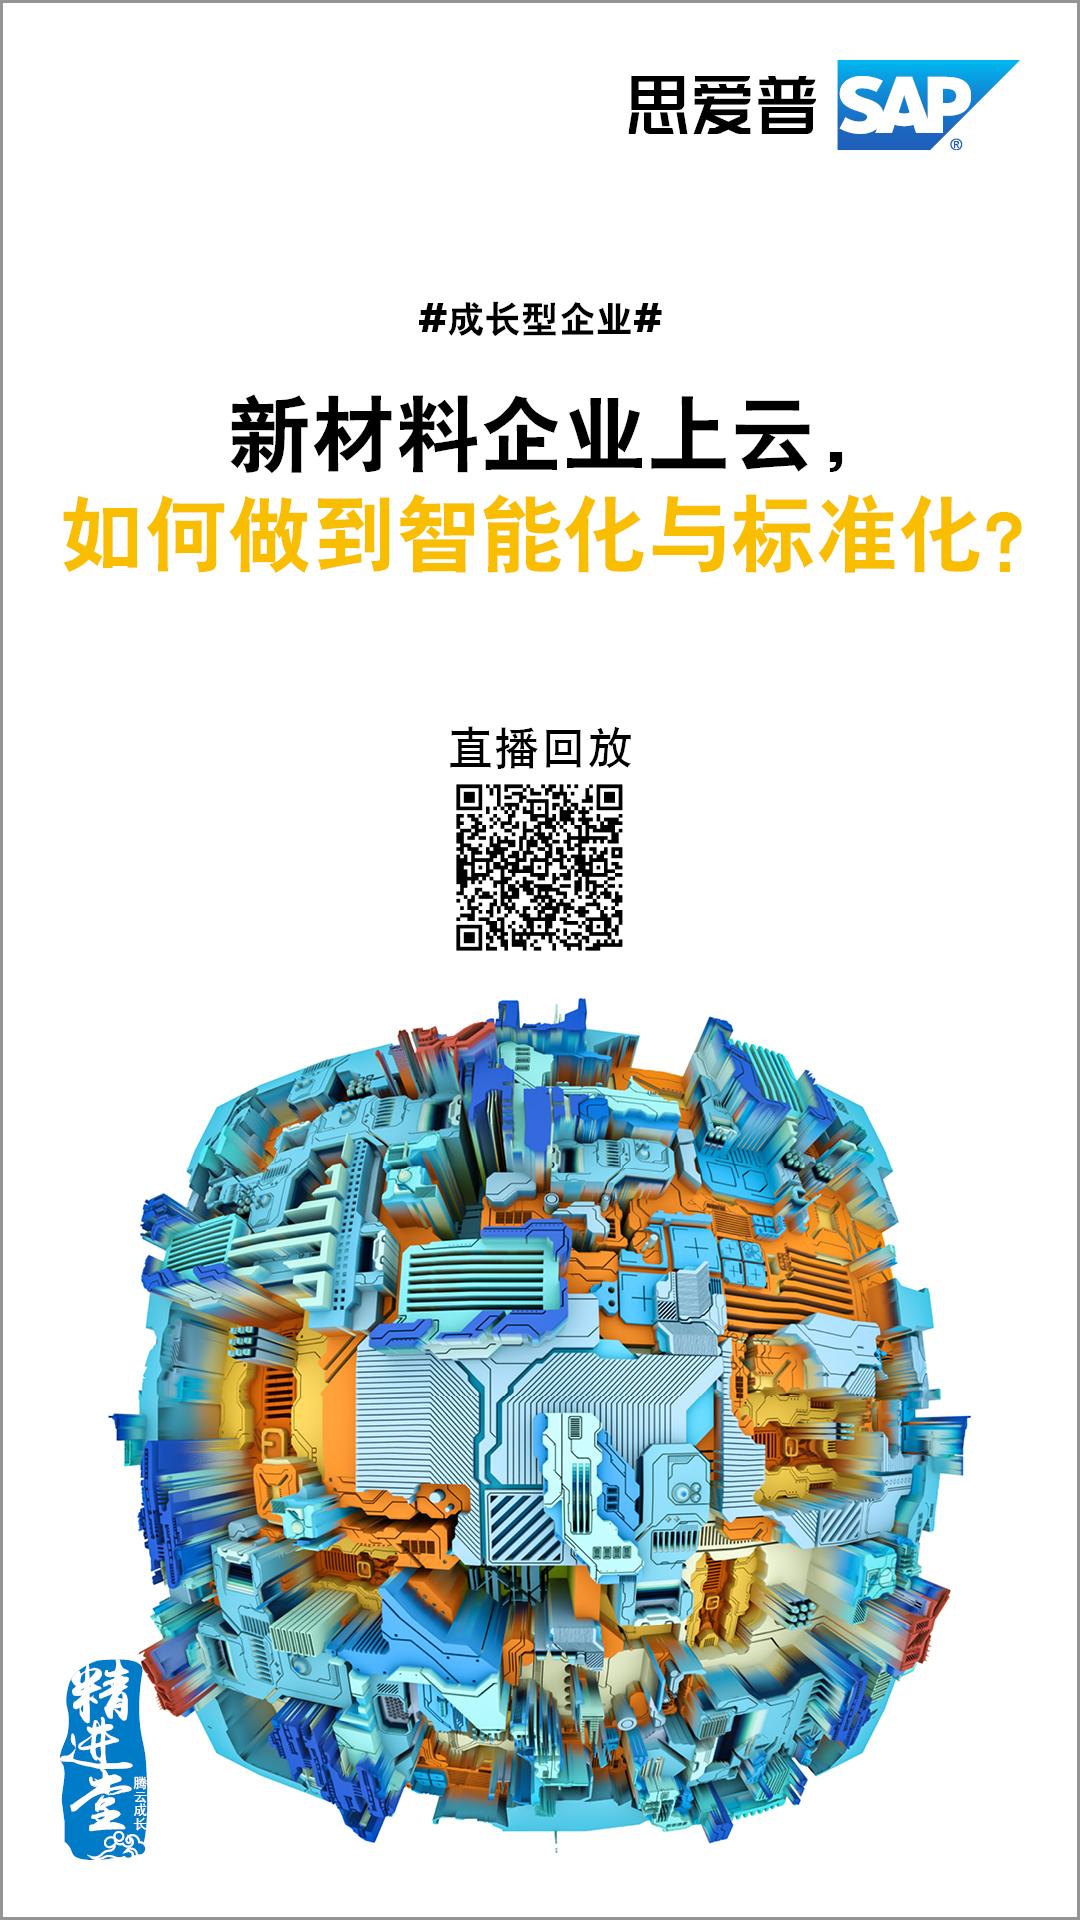 0916新材料企业上云如何做到智能化与标准化_直播回放.jpg